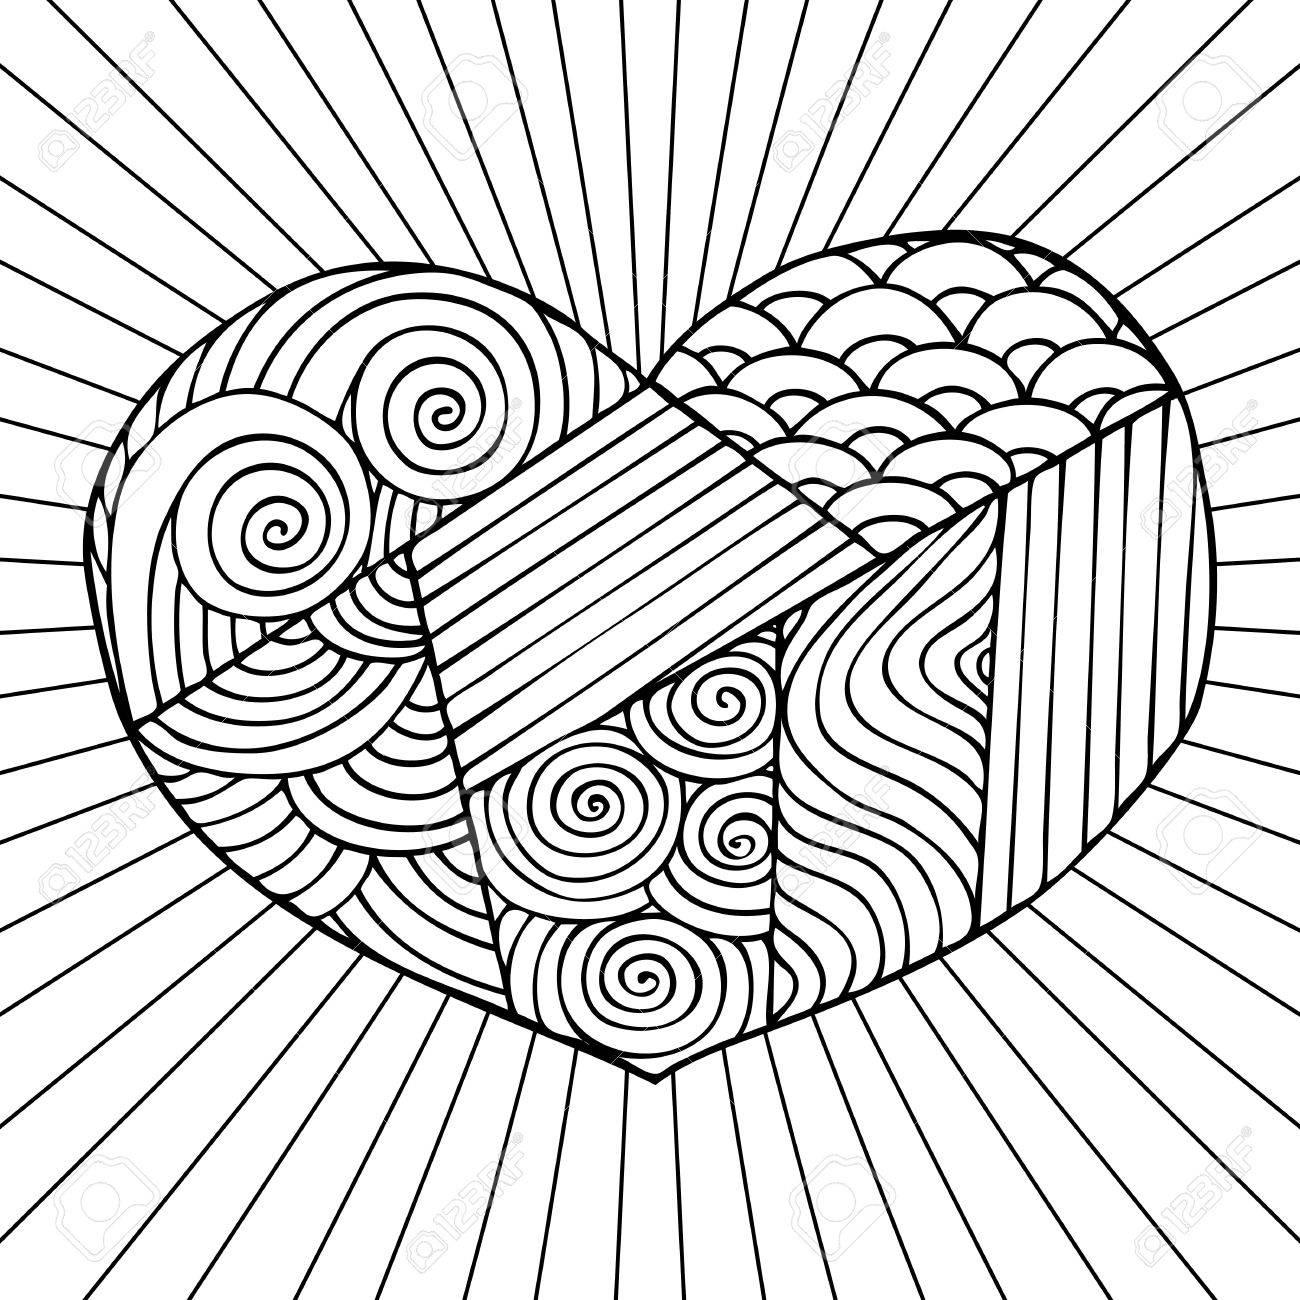 Mano Corazón Dibujado. Diseño Adultos Libro De Colorear Con Una ...